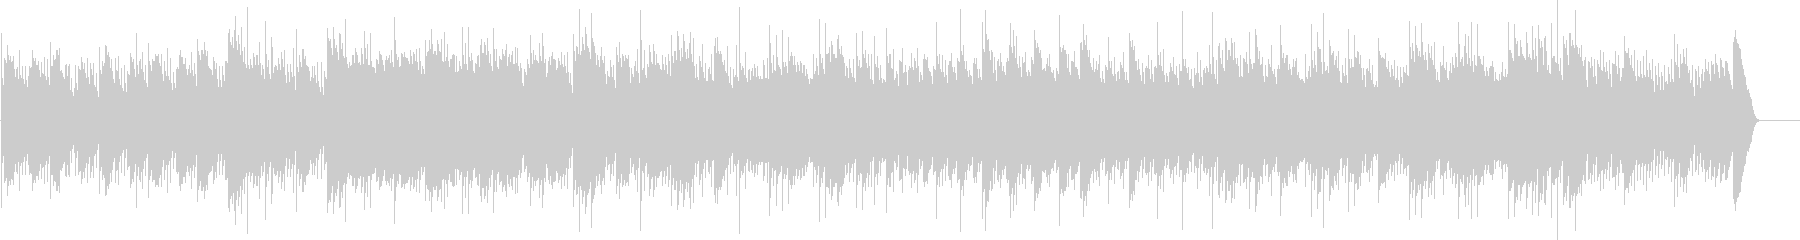 グノーのアヴェマリア(オルゴール)の未再生の波形